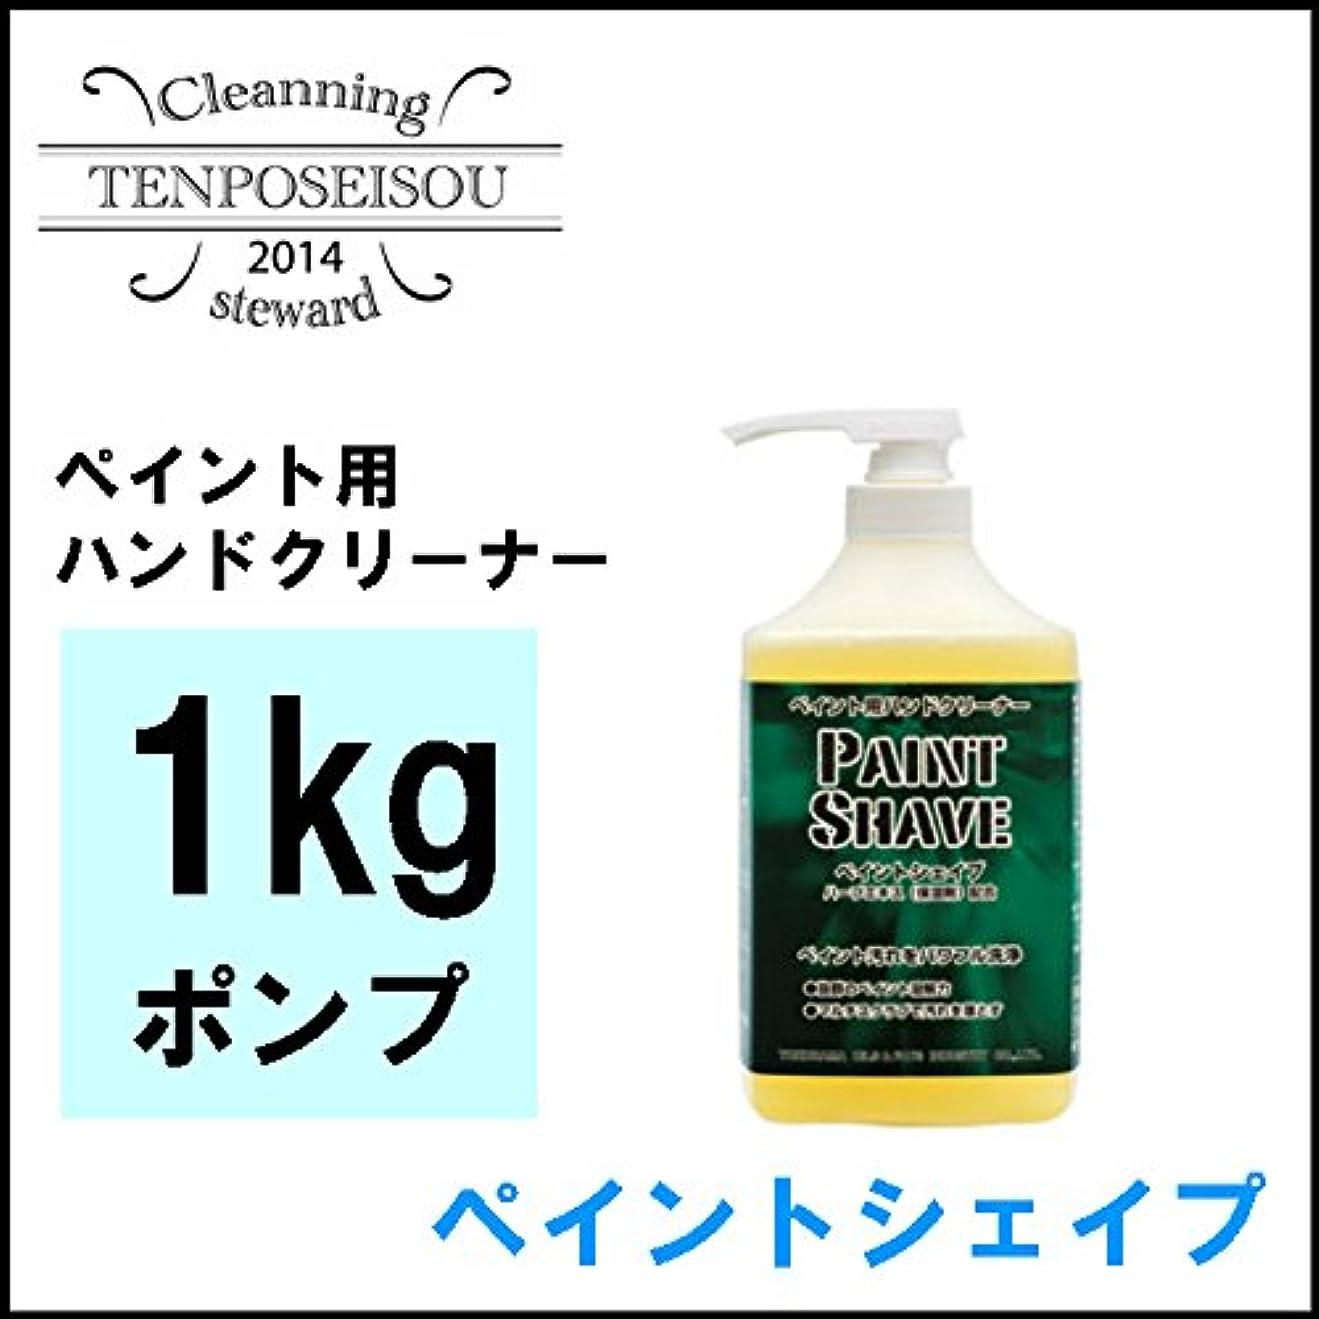 慎重レザーかご横浜油脂工業 ワンタッチクリーナープラス ポリボトル 2kg 4本セット